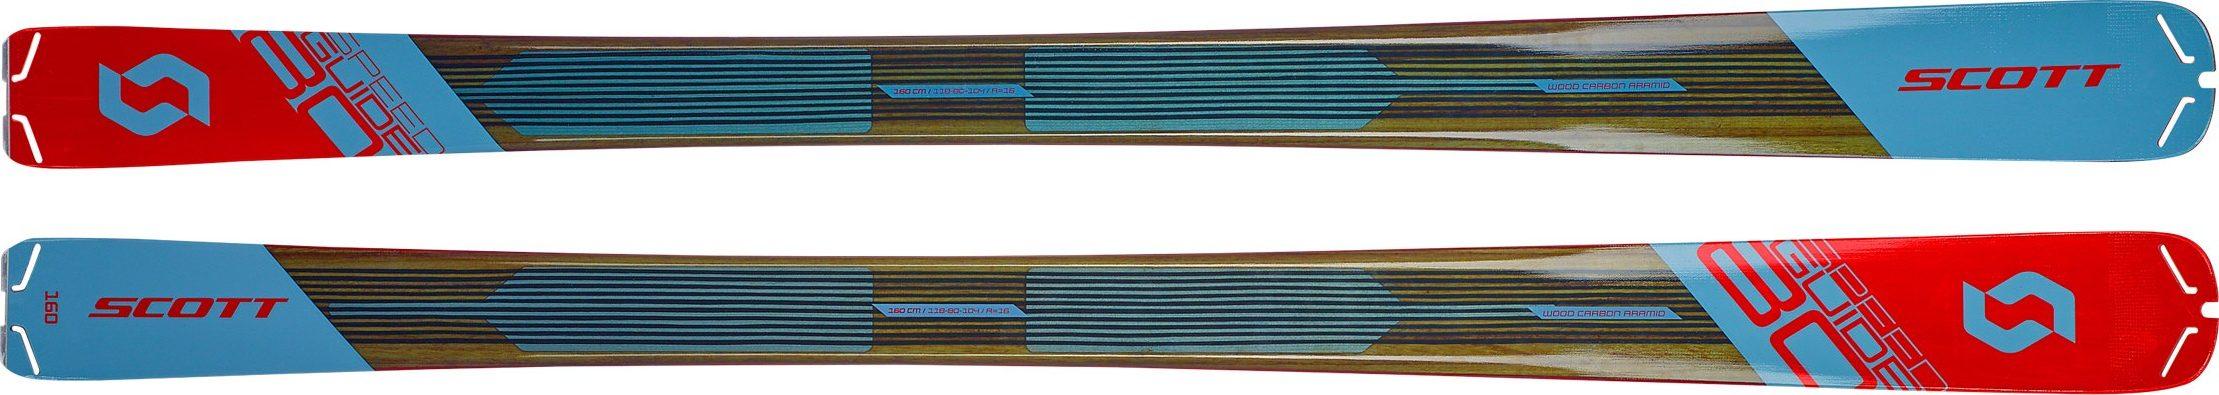 scott-speedguide80w